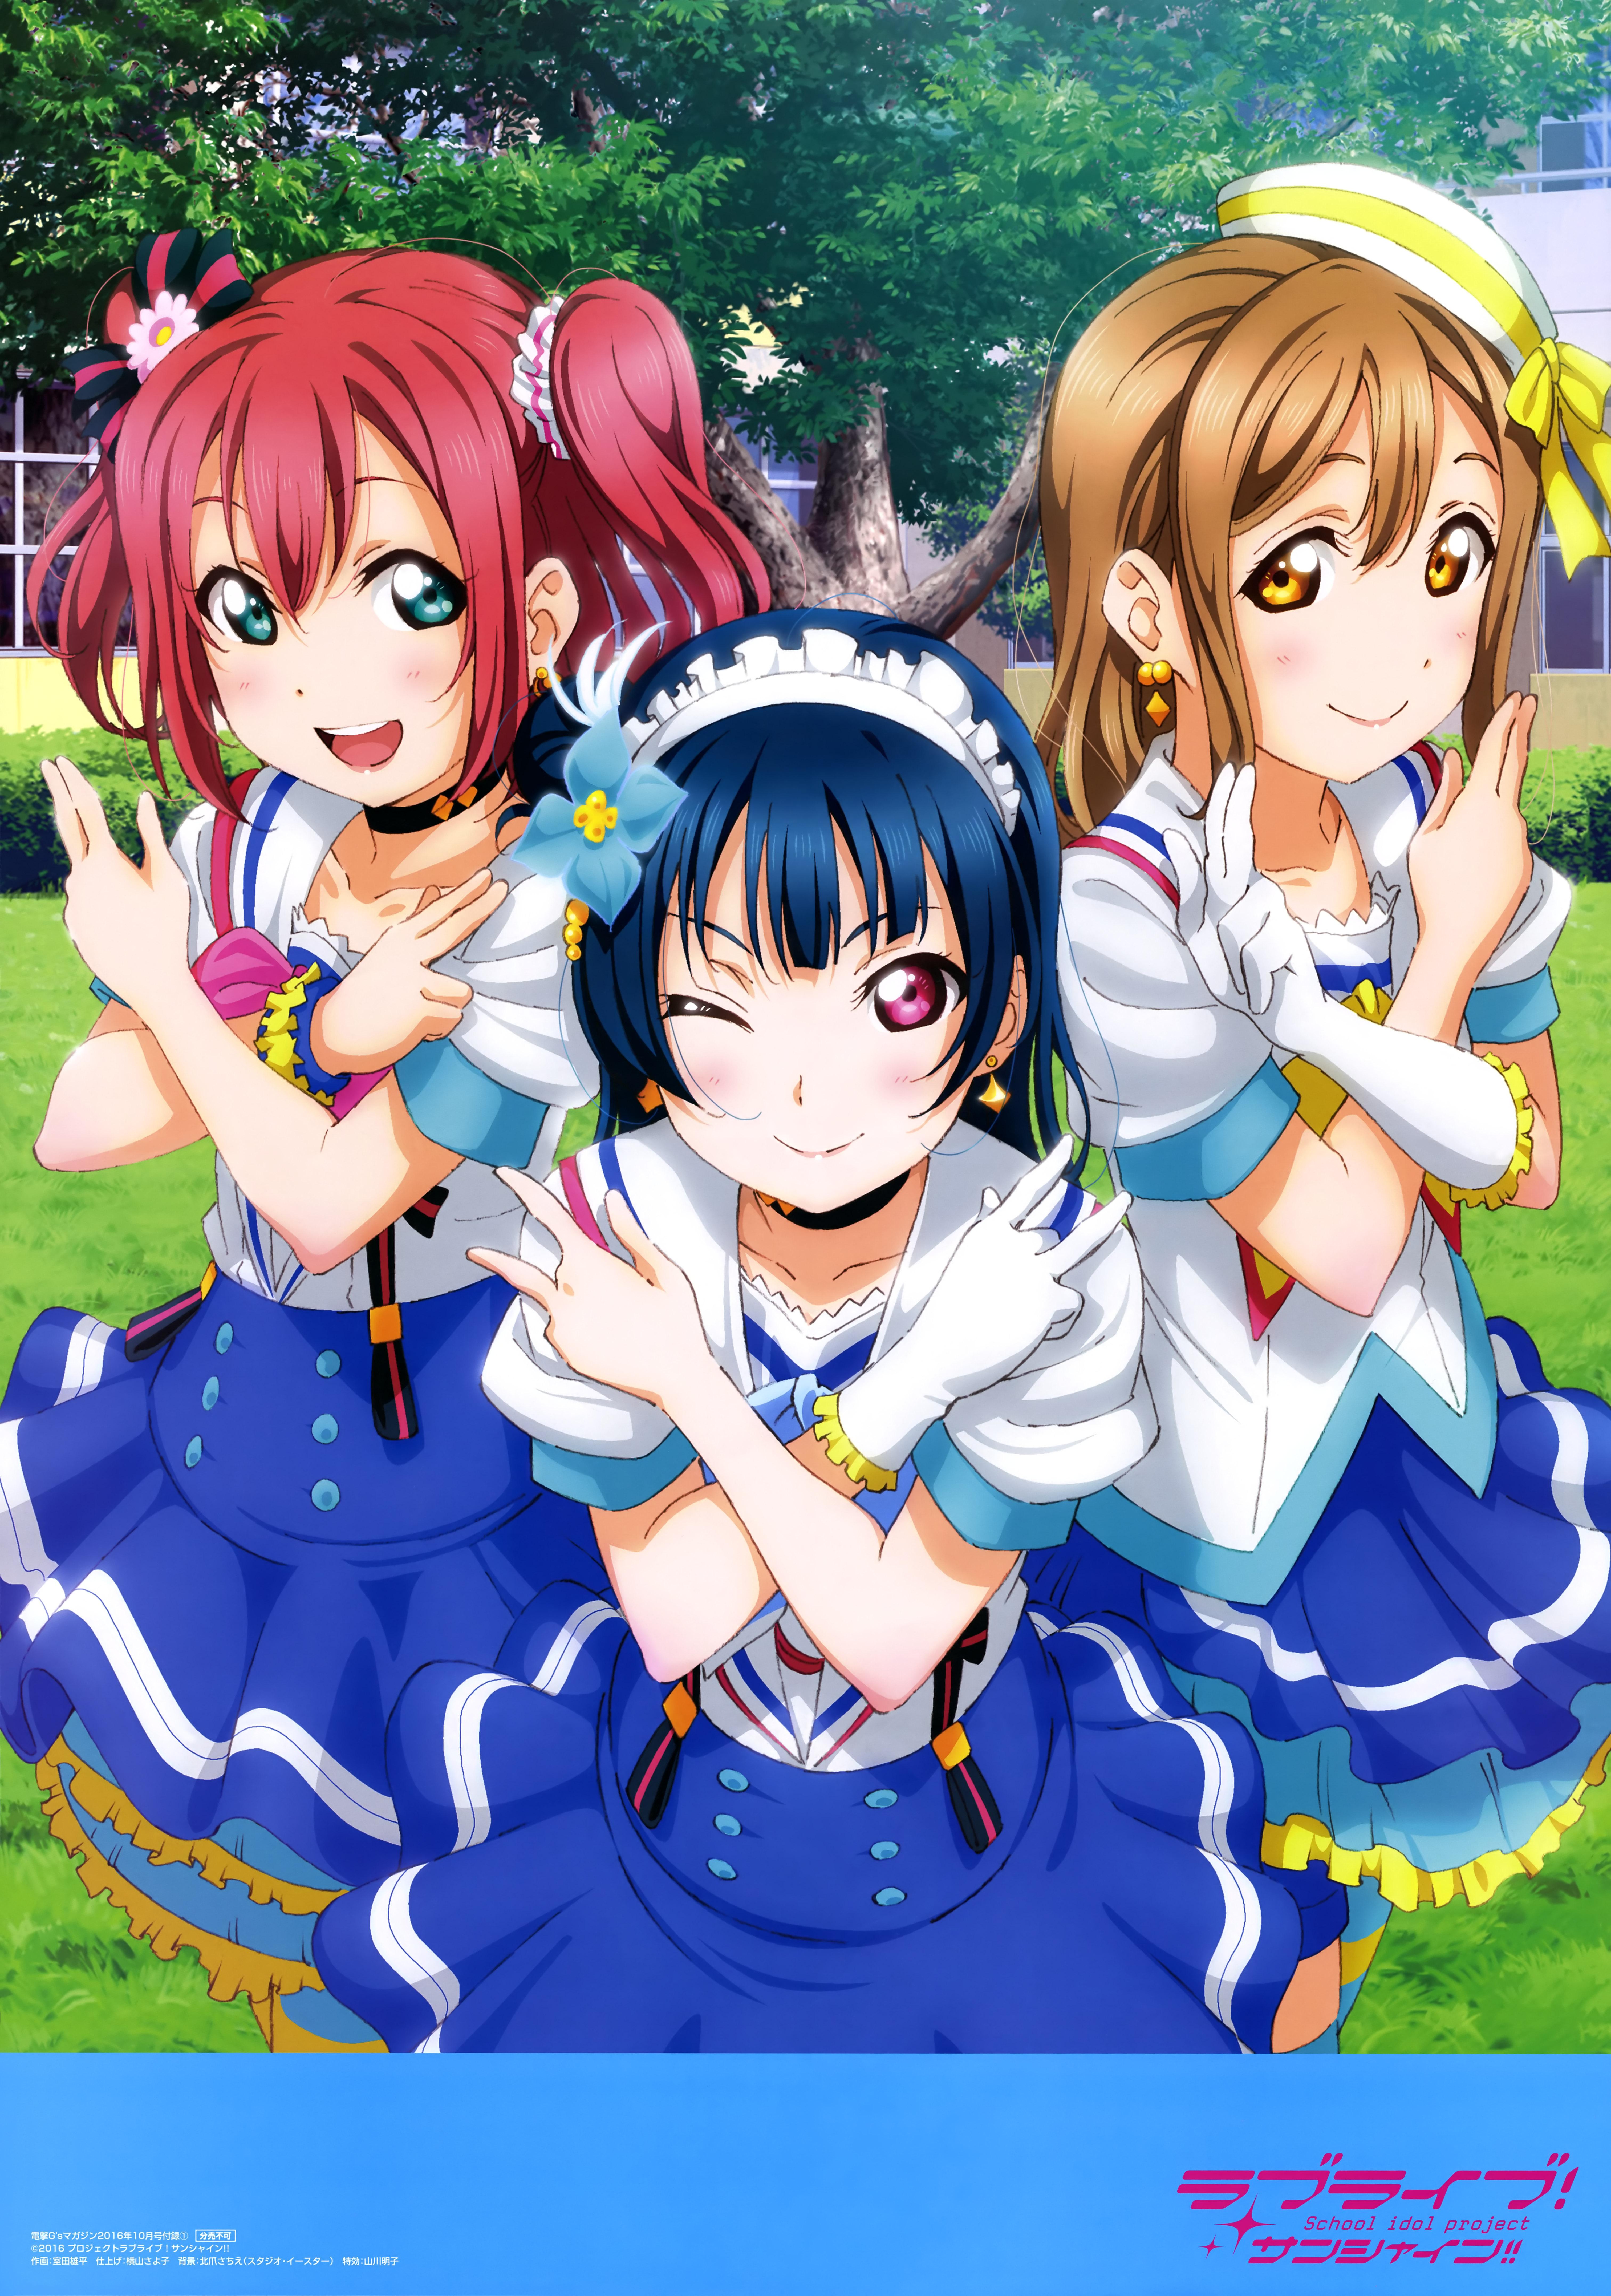 Love Live! Sunshine!! Mobile Wallpaper #2040321 - Zerochan